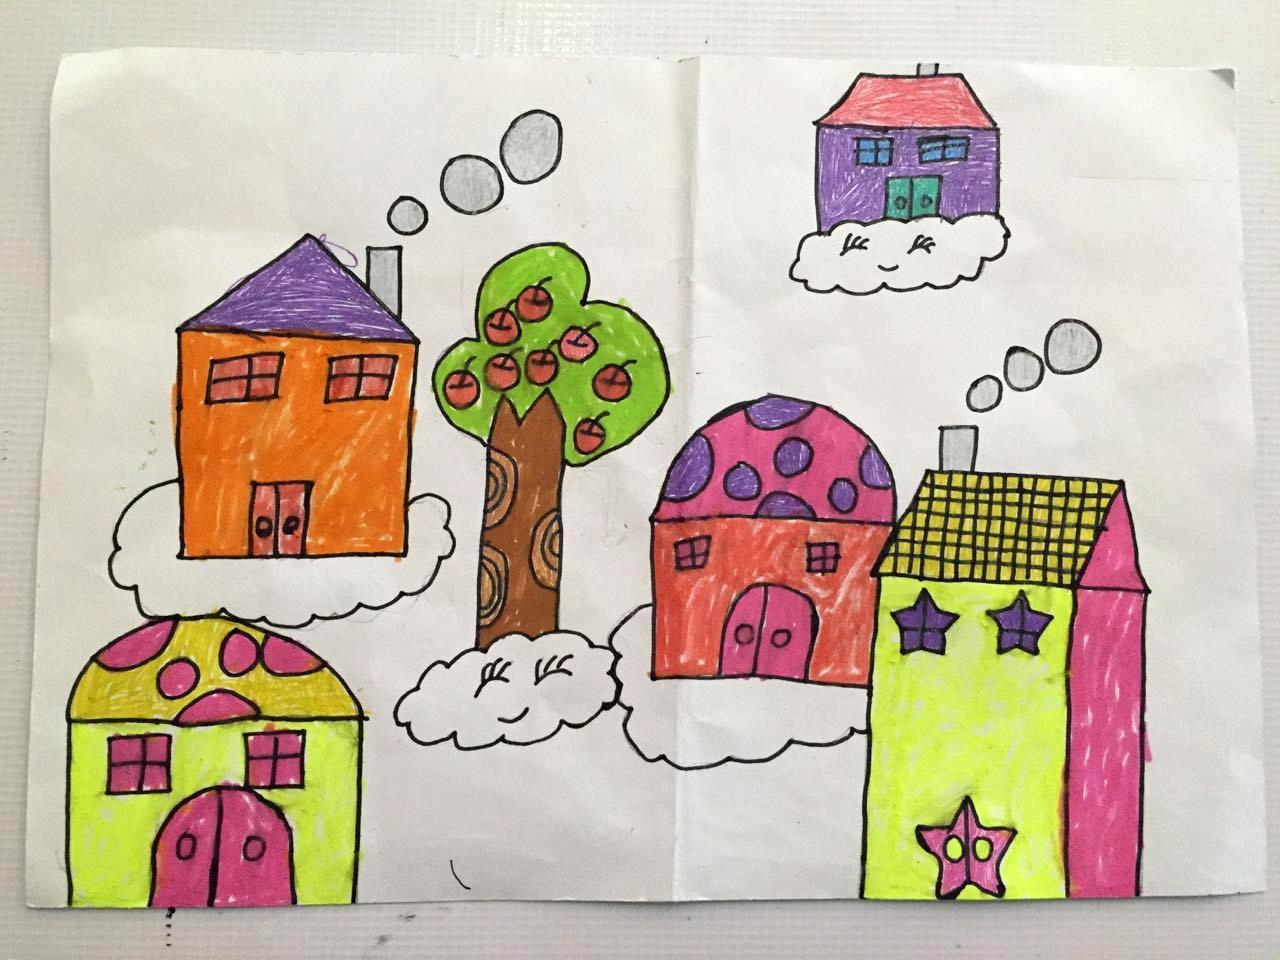 参赛对象:全国3到13岁的小朋友。 参赛作品类型和要求 各类绘画、书法、手工(如玩具制作、粘贴、泥塑等)作品。 以个人、集体等形式参赛均可。 作品规格:绘画作品50cm30cm以内,书法作品四尺对开以内。提倡自撰诗词、联、赋等,不可简繁字体混用。 每人限投一稿,每稿限一名指导老师。 现场比赛,幼儿独立完成, 画具自备。 作品评选: 以创意、原创性、线条造型、色彩、构图作为评分主要标准,评委会由书画专家及专业教师组成。 比赛时间:2015年4月18日至2015年6月27日每周六上午九点至十